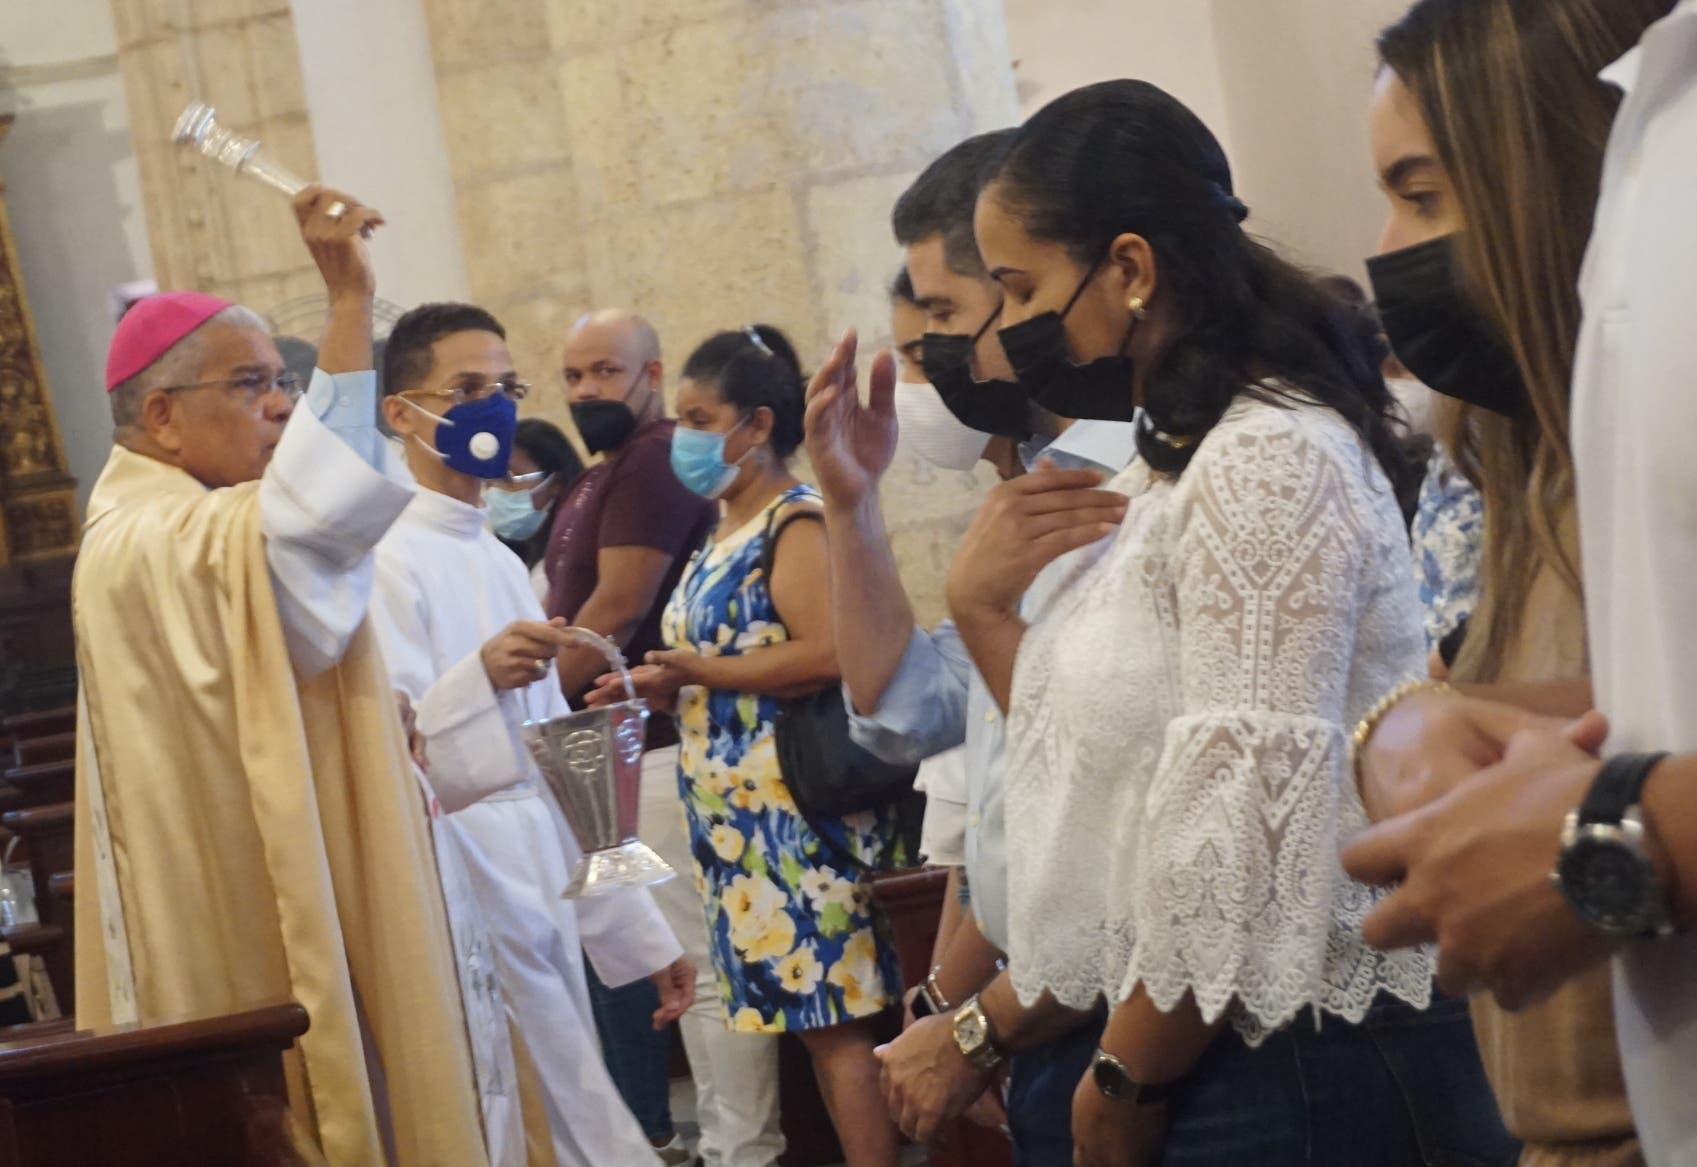 Monseñor Ozoria cierra Semana Santa llamando a rebelión contra desigualdad